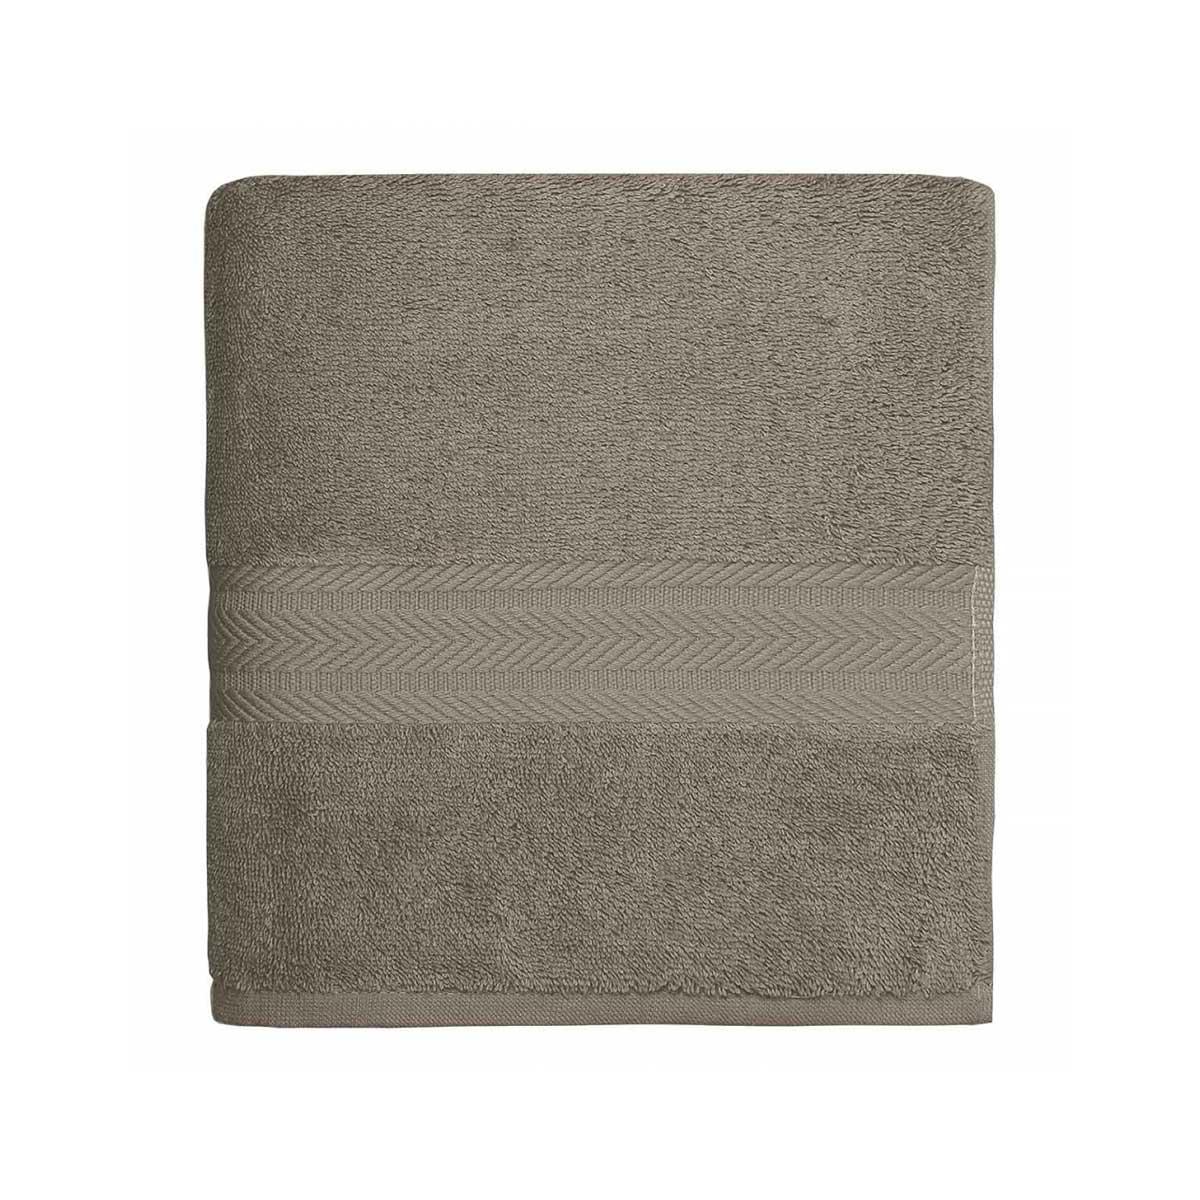 Serviette de toilette en coton 550gr/m² mastic - Mastic - 50 x 100 cm